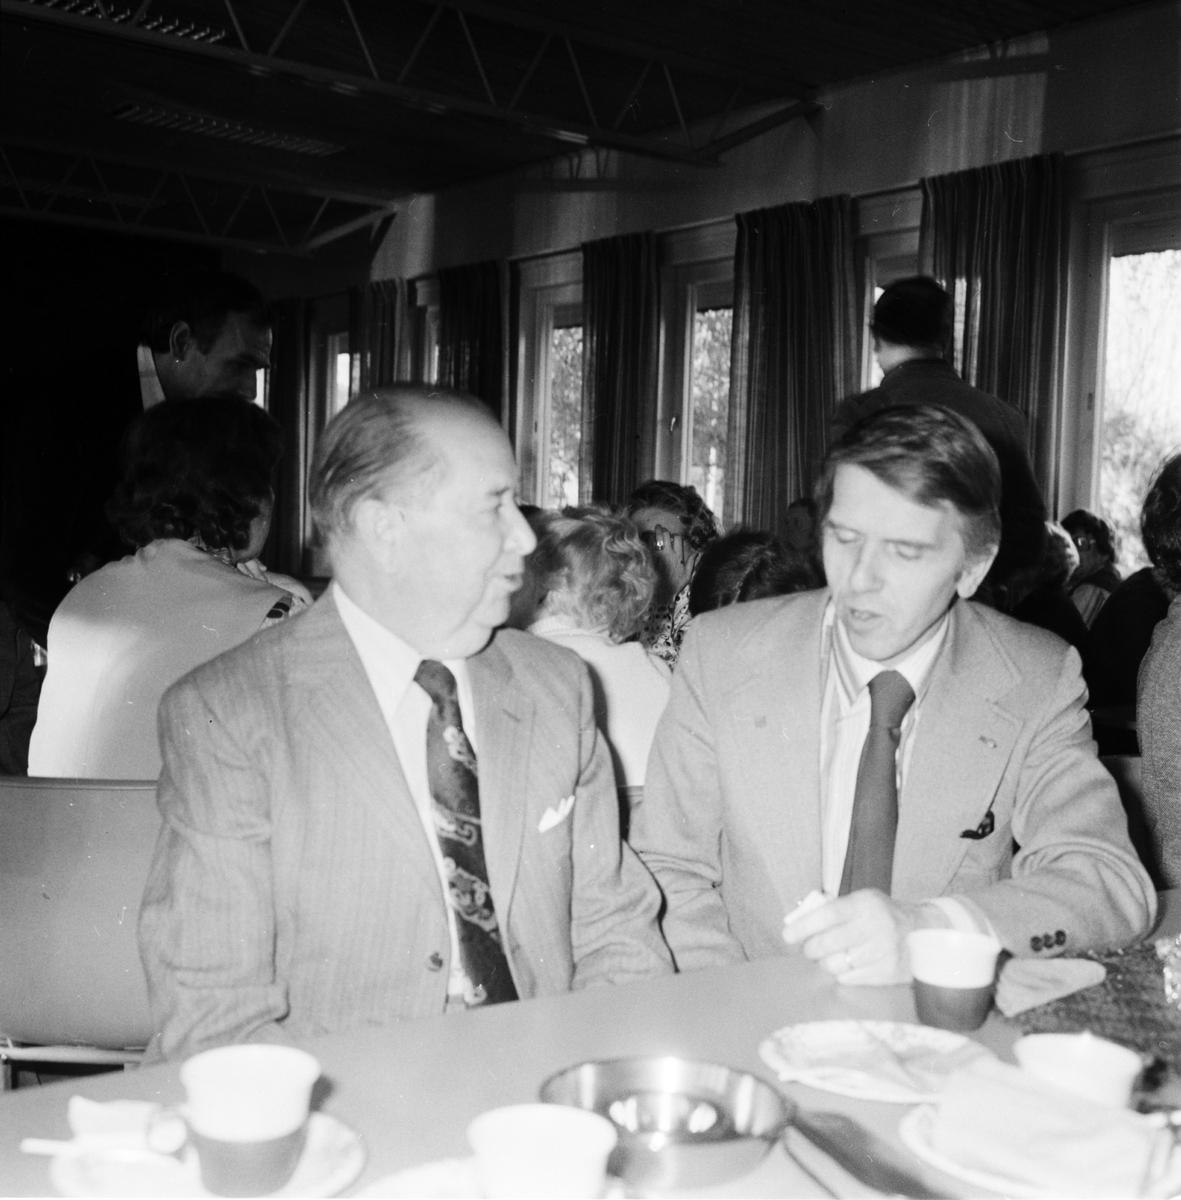 Två män vid ett kaffebord, sannolikt Tierp, Uppland